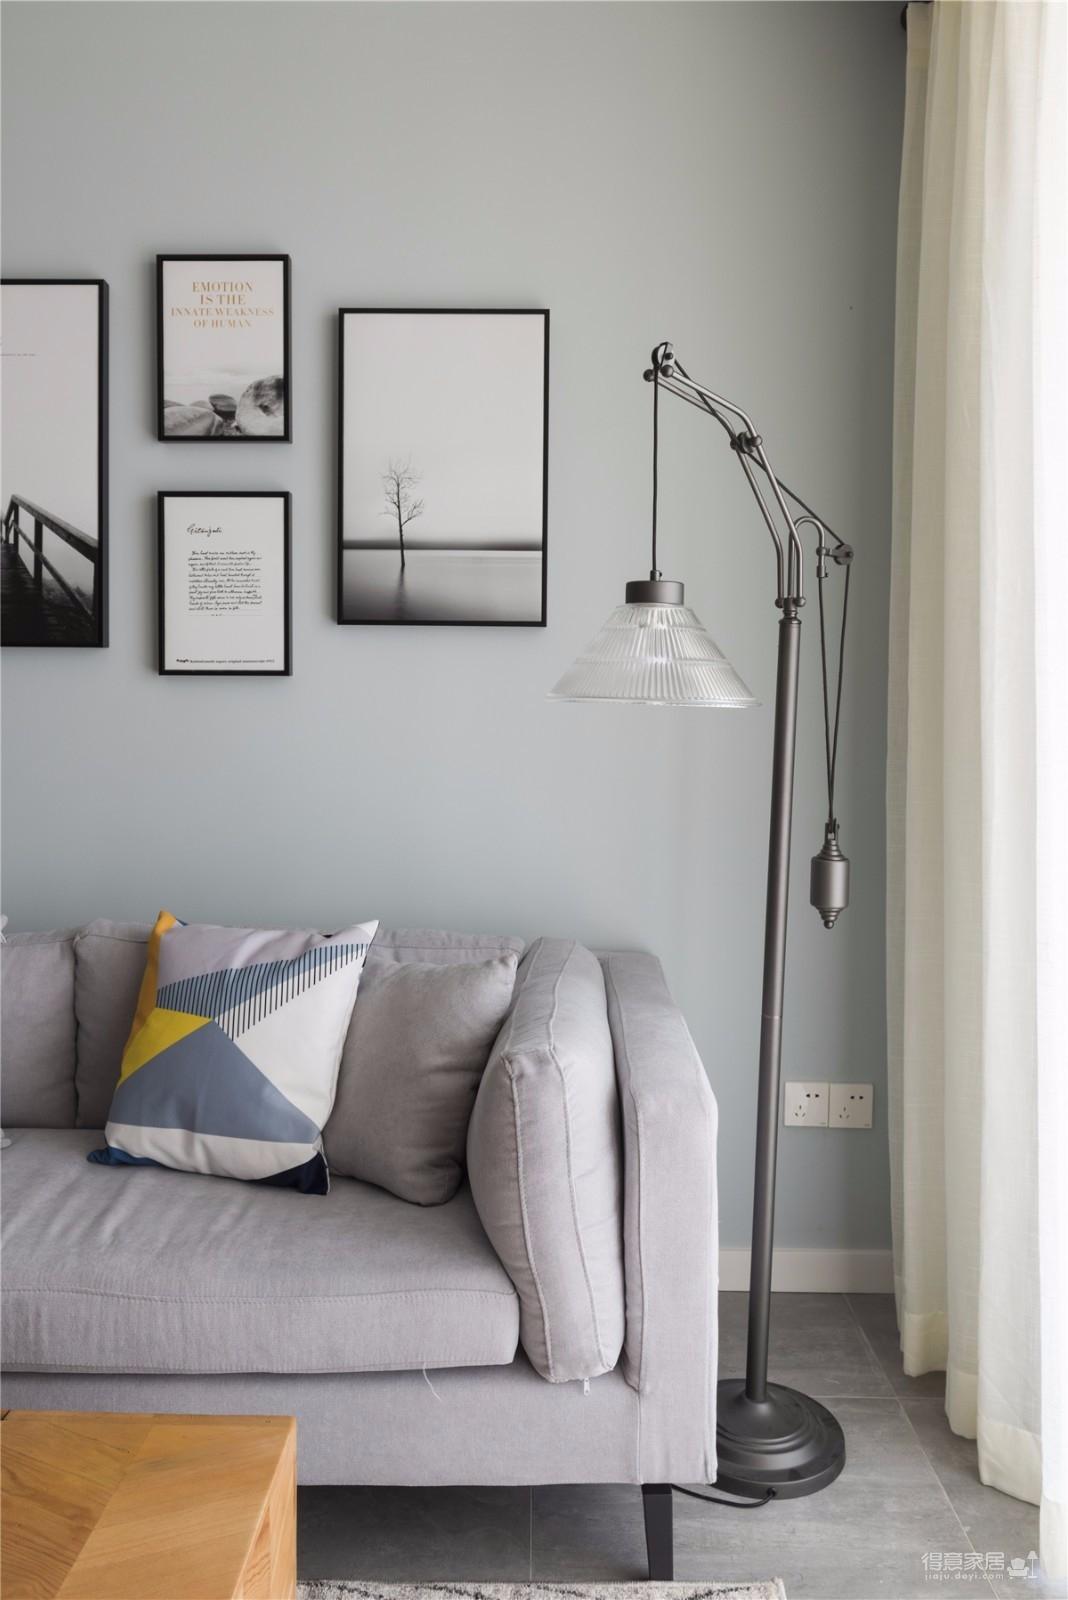 客厅采用灰色配脏橘色,稳重又不失活跃。选用橘色这样鲜艳色彩,只需把其降低一个色度,就让整个空间瞬间亮了起来,充满新鲜感,却又不突兀。